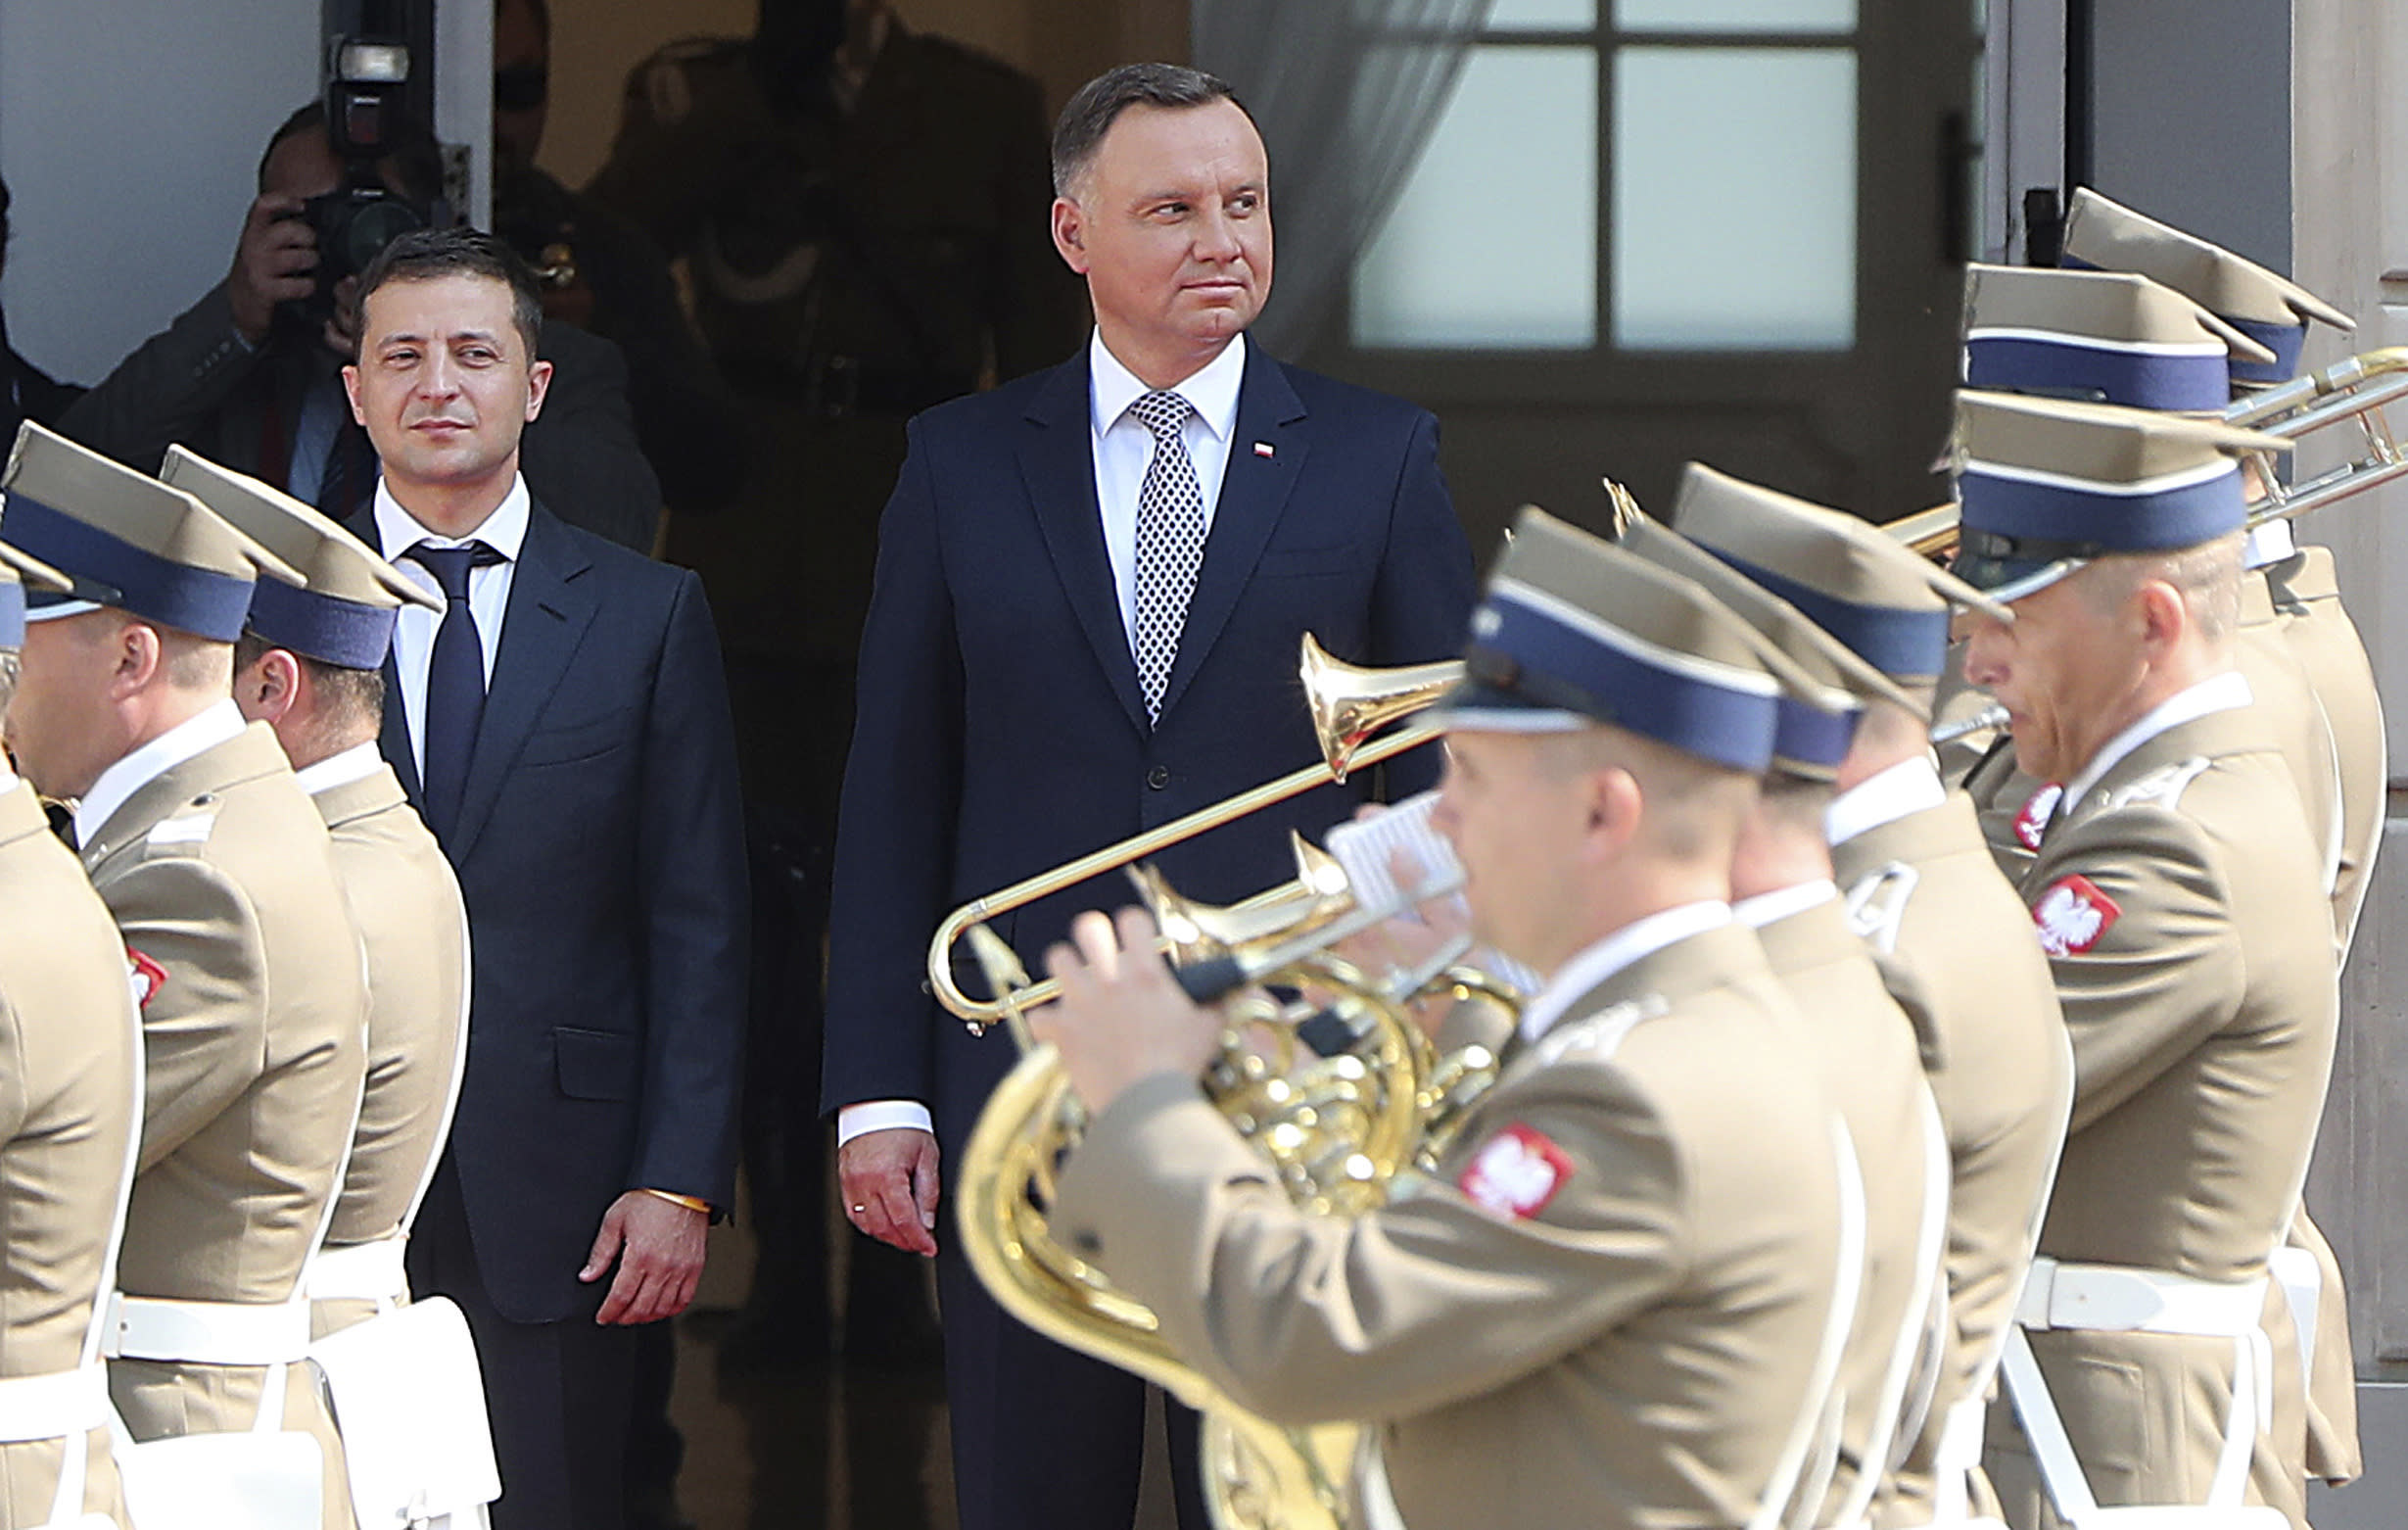 German President Begs Poland's Forgiveness over World War II Atrocities